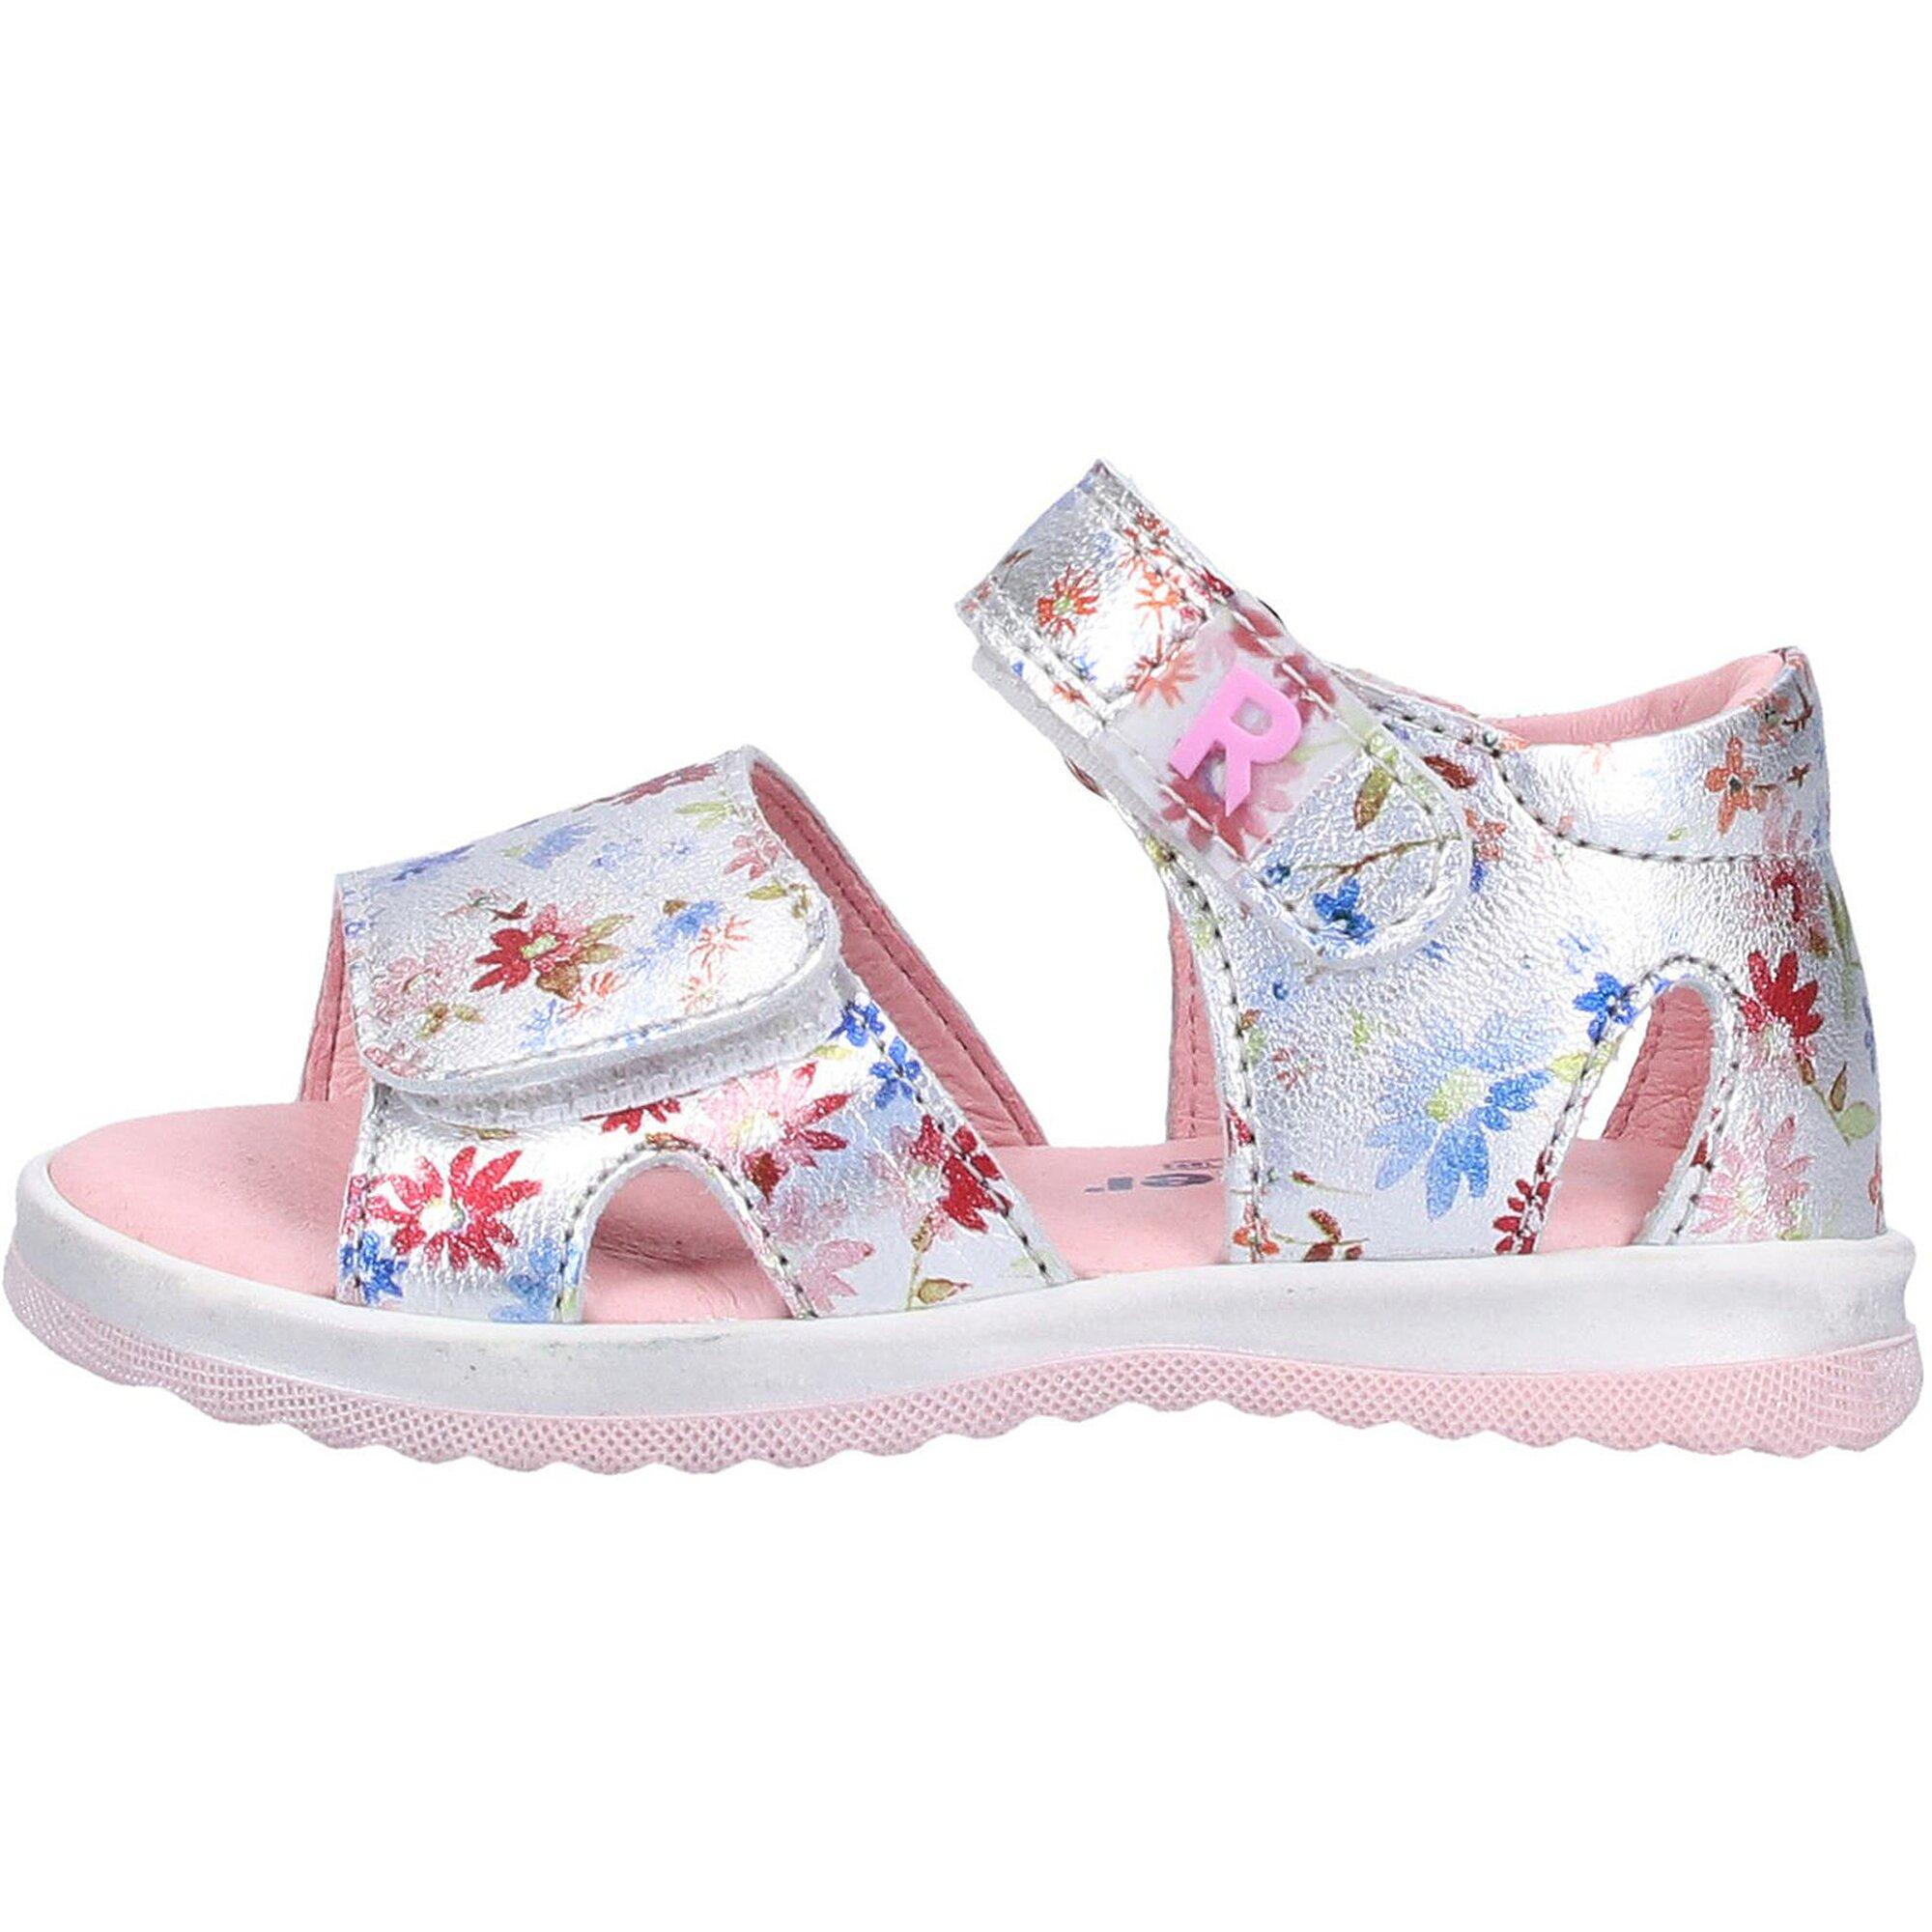 richter-kinderschuhe-sandalen